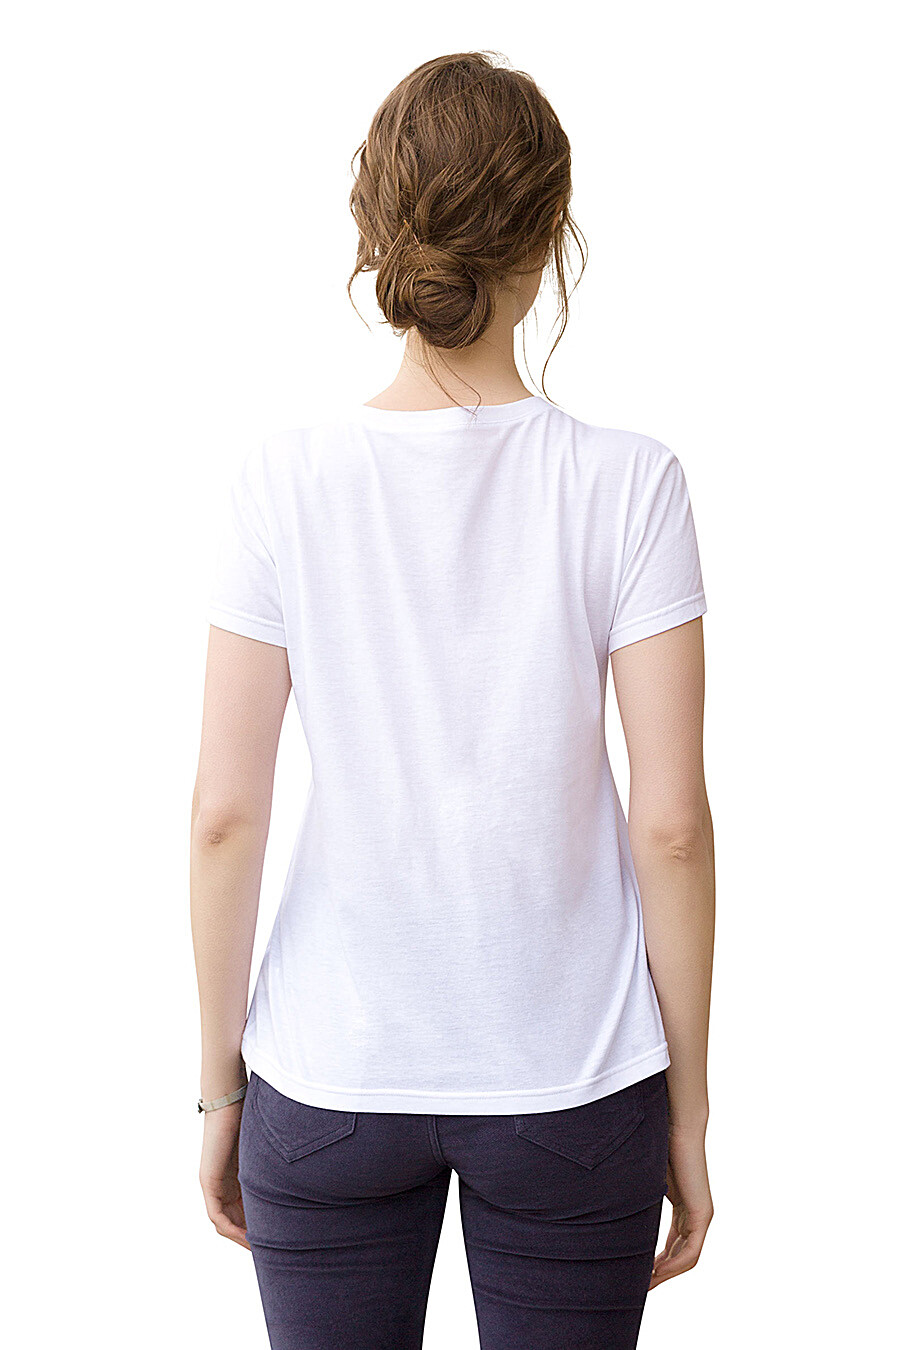 Футболка для женщин PELICAN 146728 купить оптом от производителя. Совместная покупка женской одежды в OptMoyo